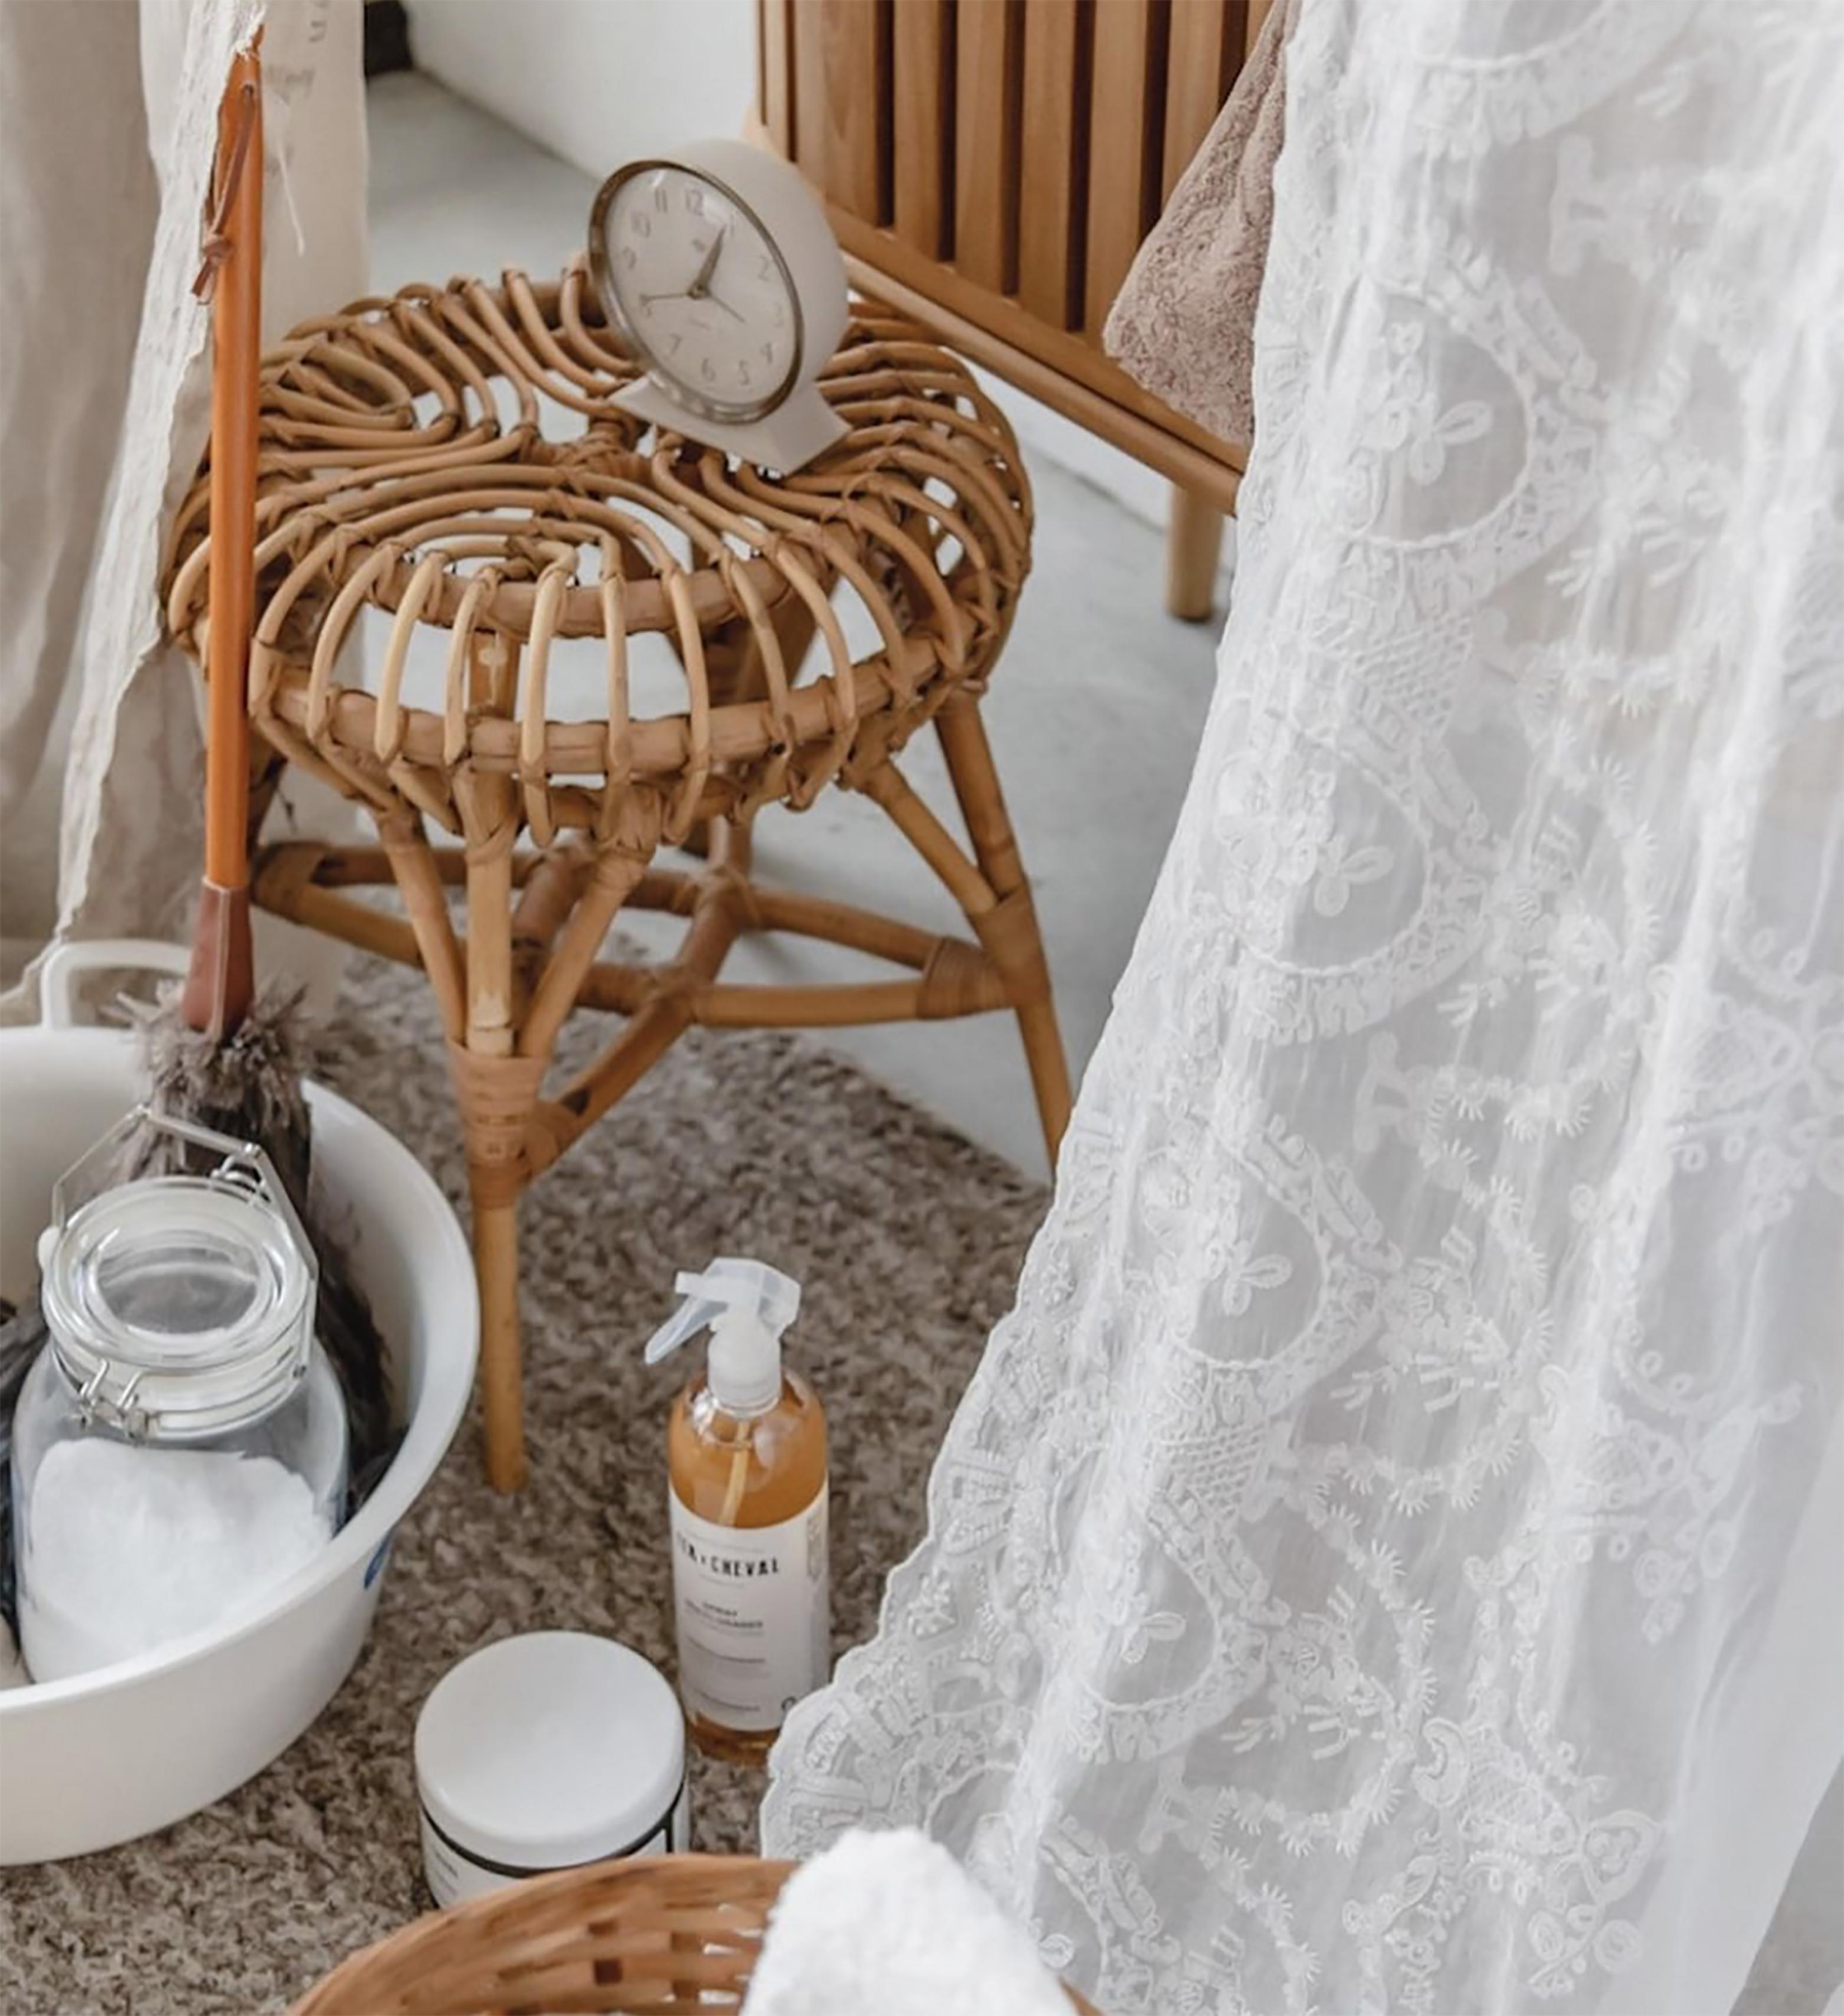 久伴INS北欧藤编凳餐厅客厅民宿咖啡馆茶几凳子换鞋凳餐桌椅凳子_图3